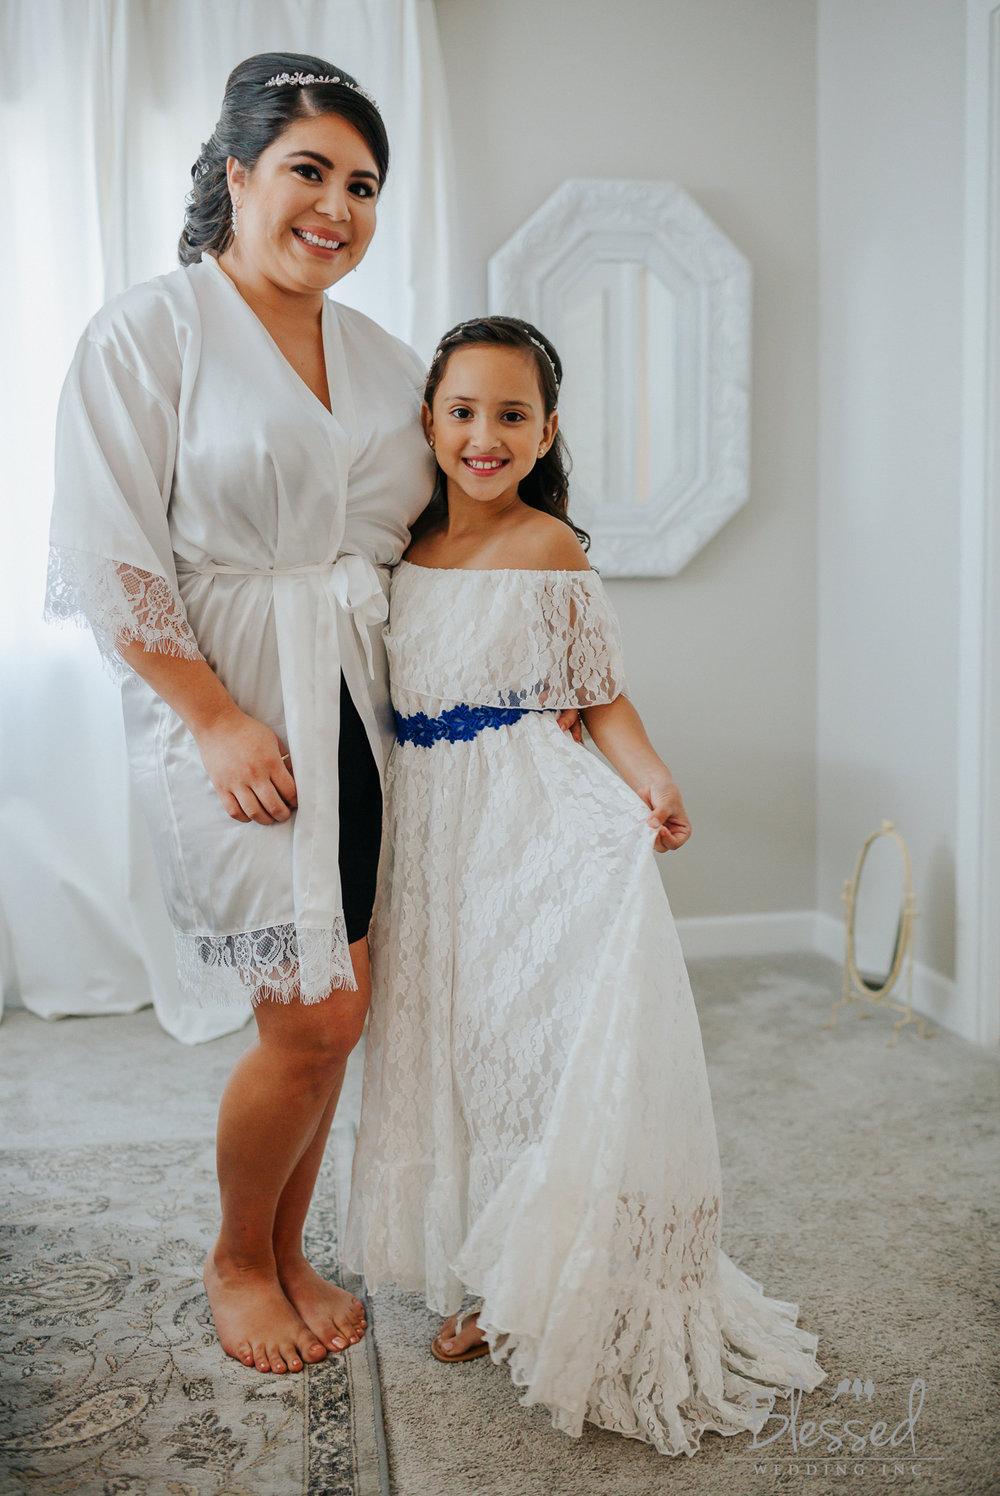 BlessedWeddingPhotography_Wedgewood Wedding Photography (74 of 89).jpg